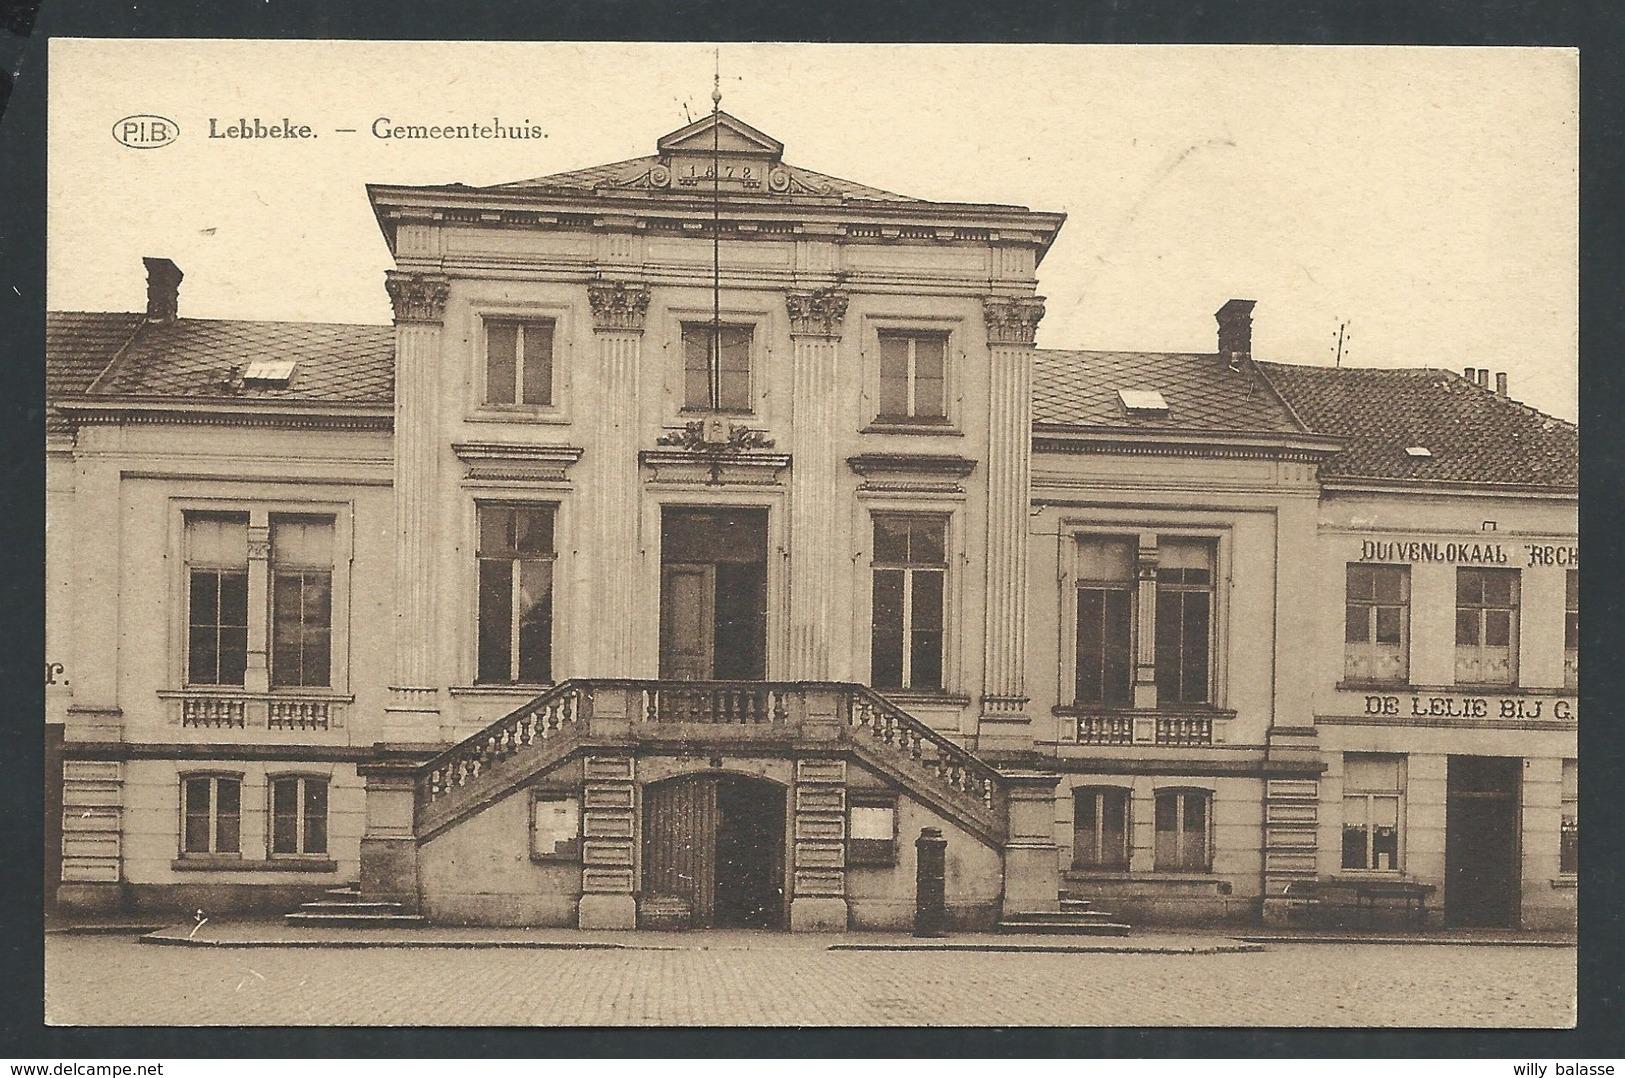 +++ CPA - LEBBEKE - Gemeentehuis - P.I.B.    // - Lebbeke